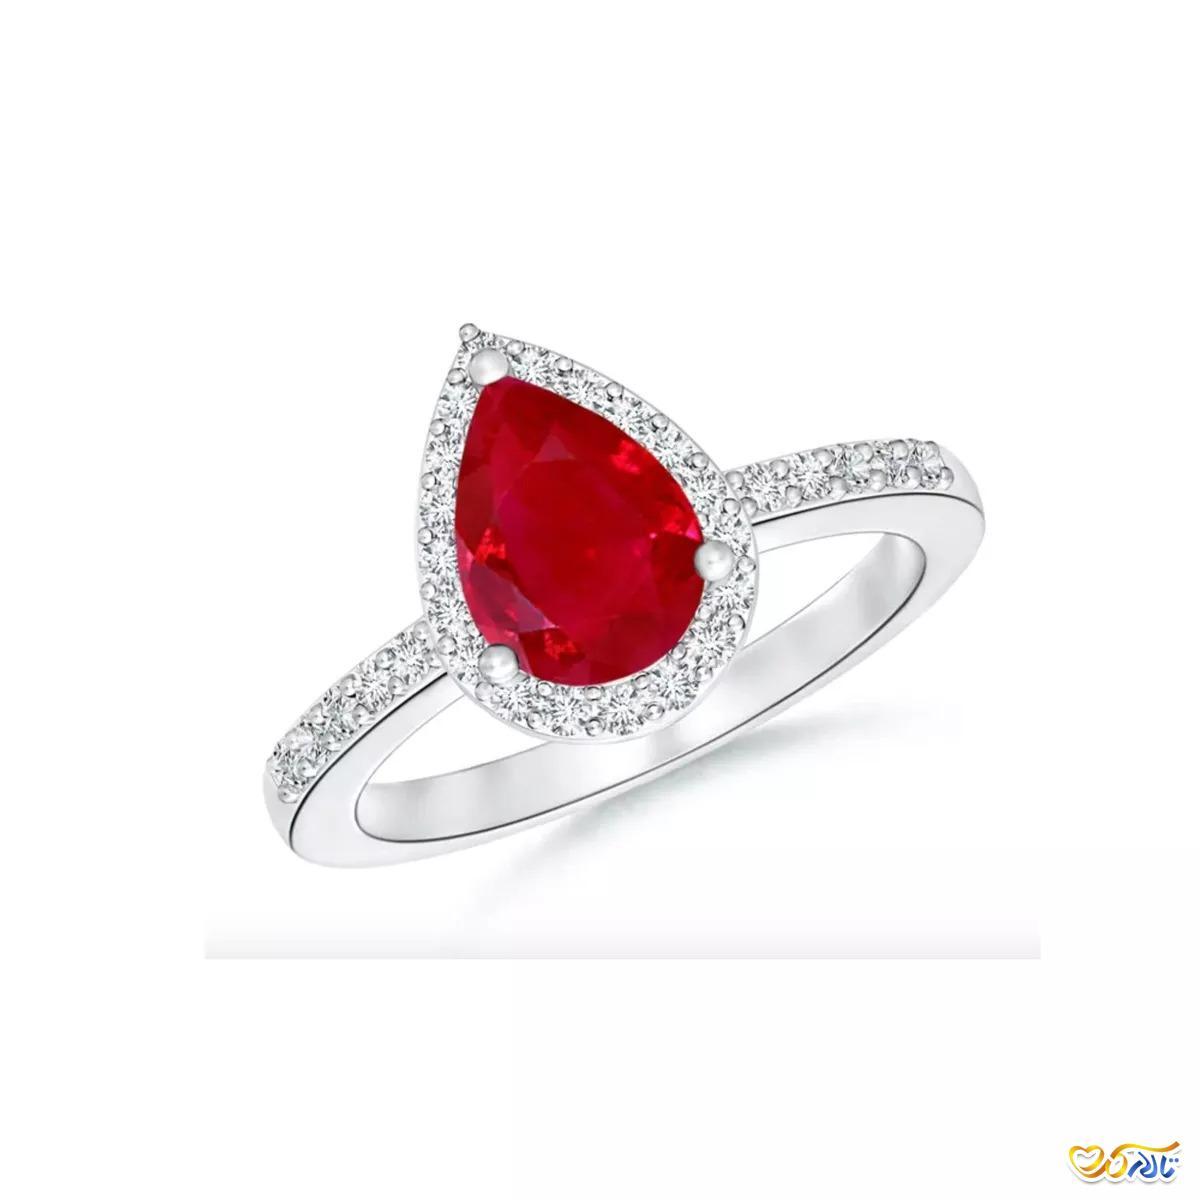 حلقه ی عروسی و انگشتر نامزدی یاقوت